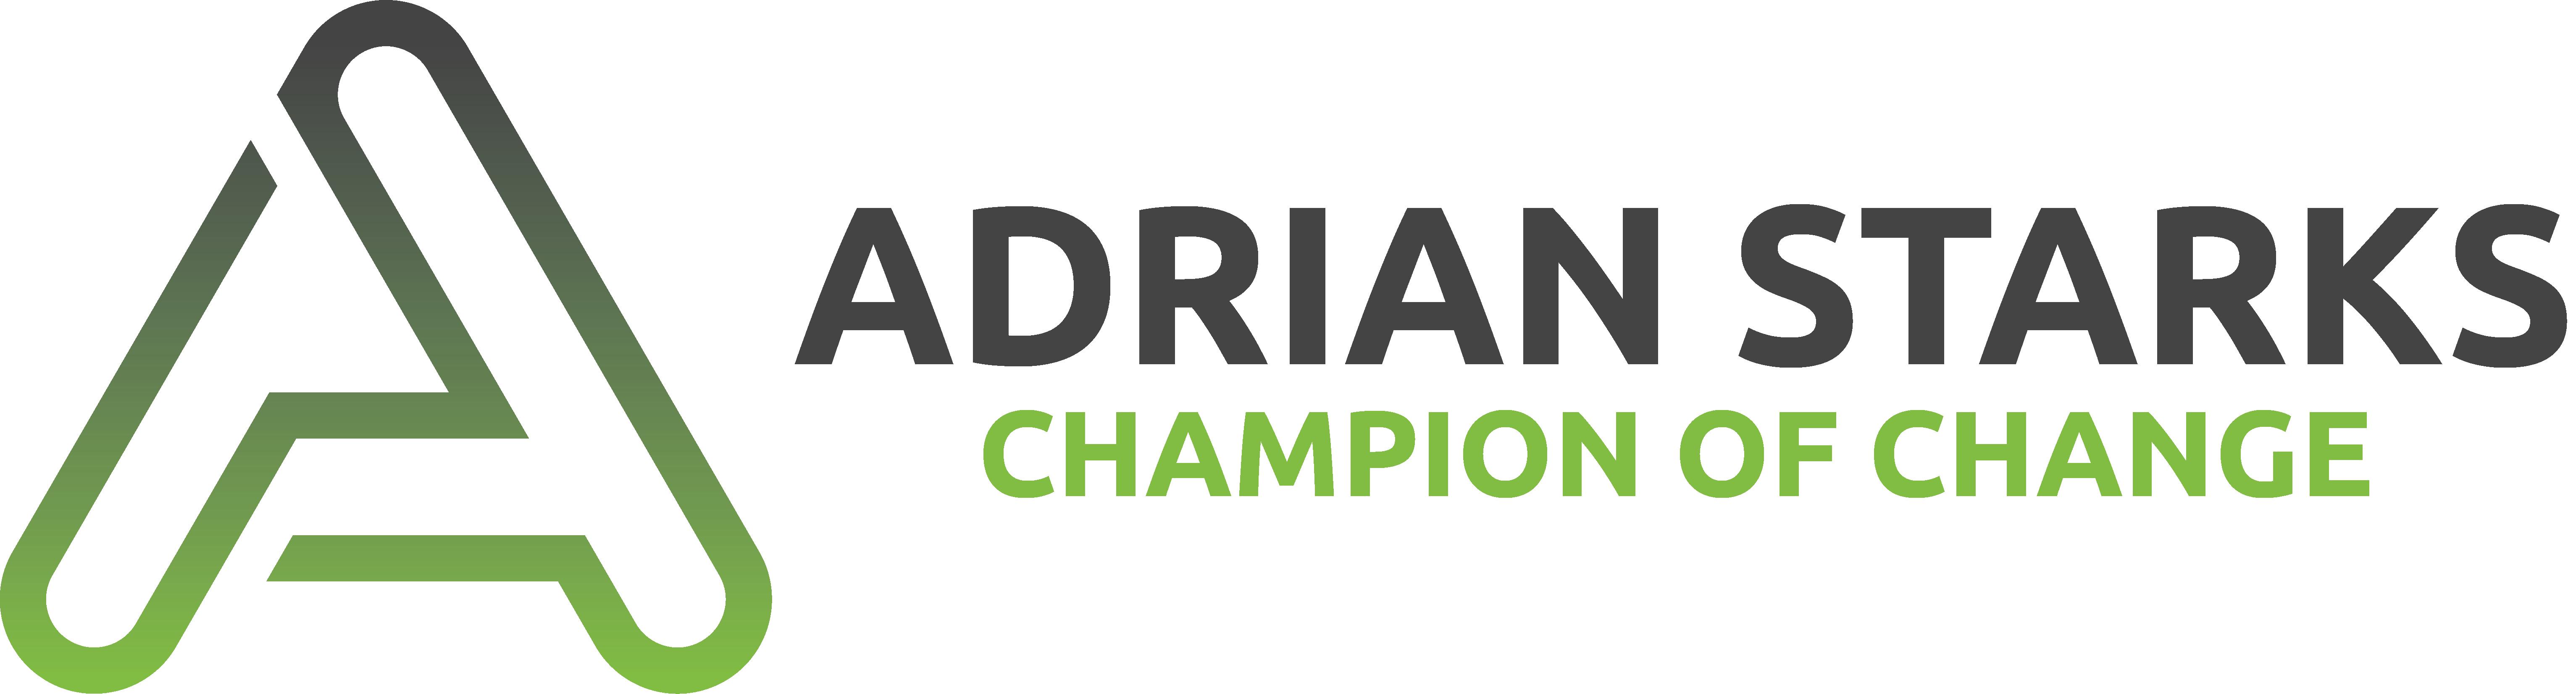 Adrian Starks